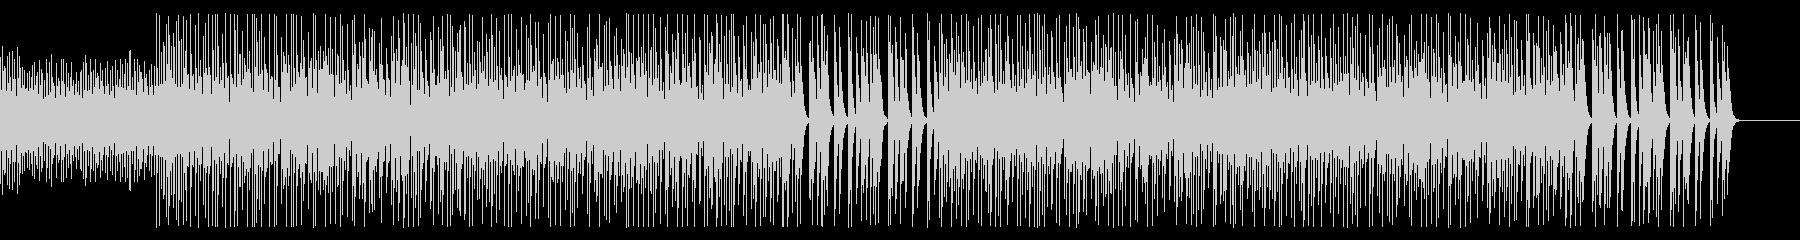 マリンバとシロフォンのBGMの未再生の波形